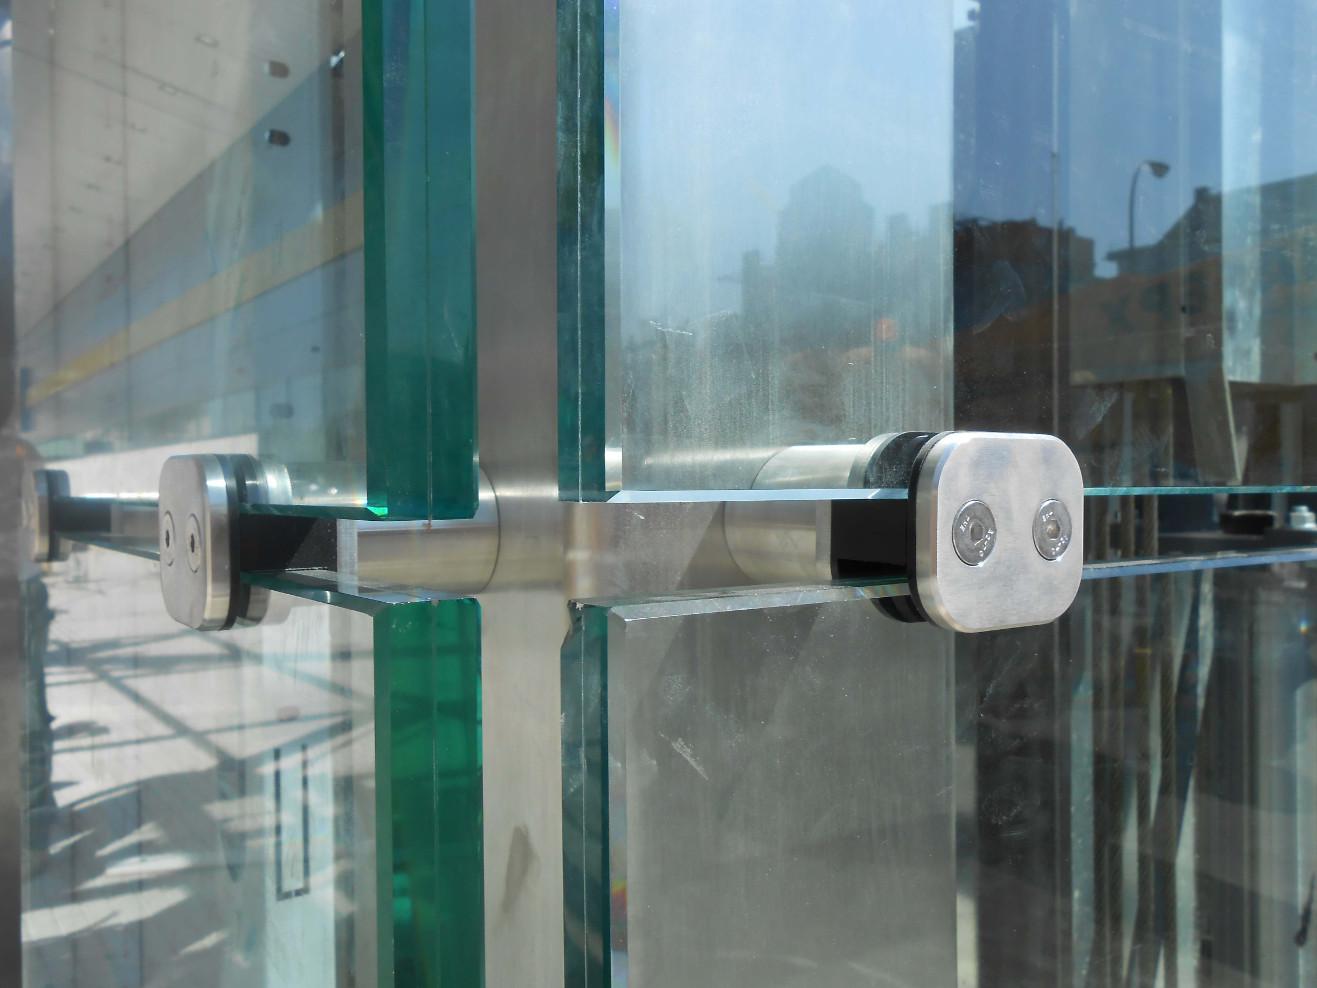 Anclaje de acero inoxidable para vidrio